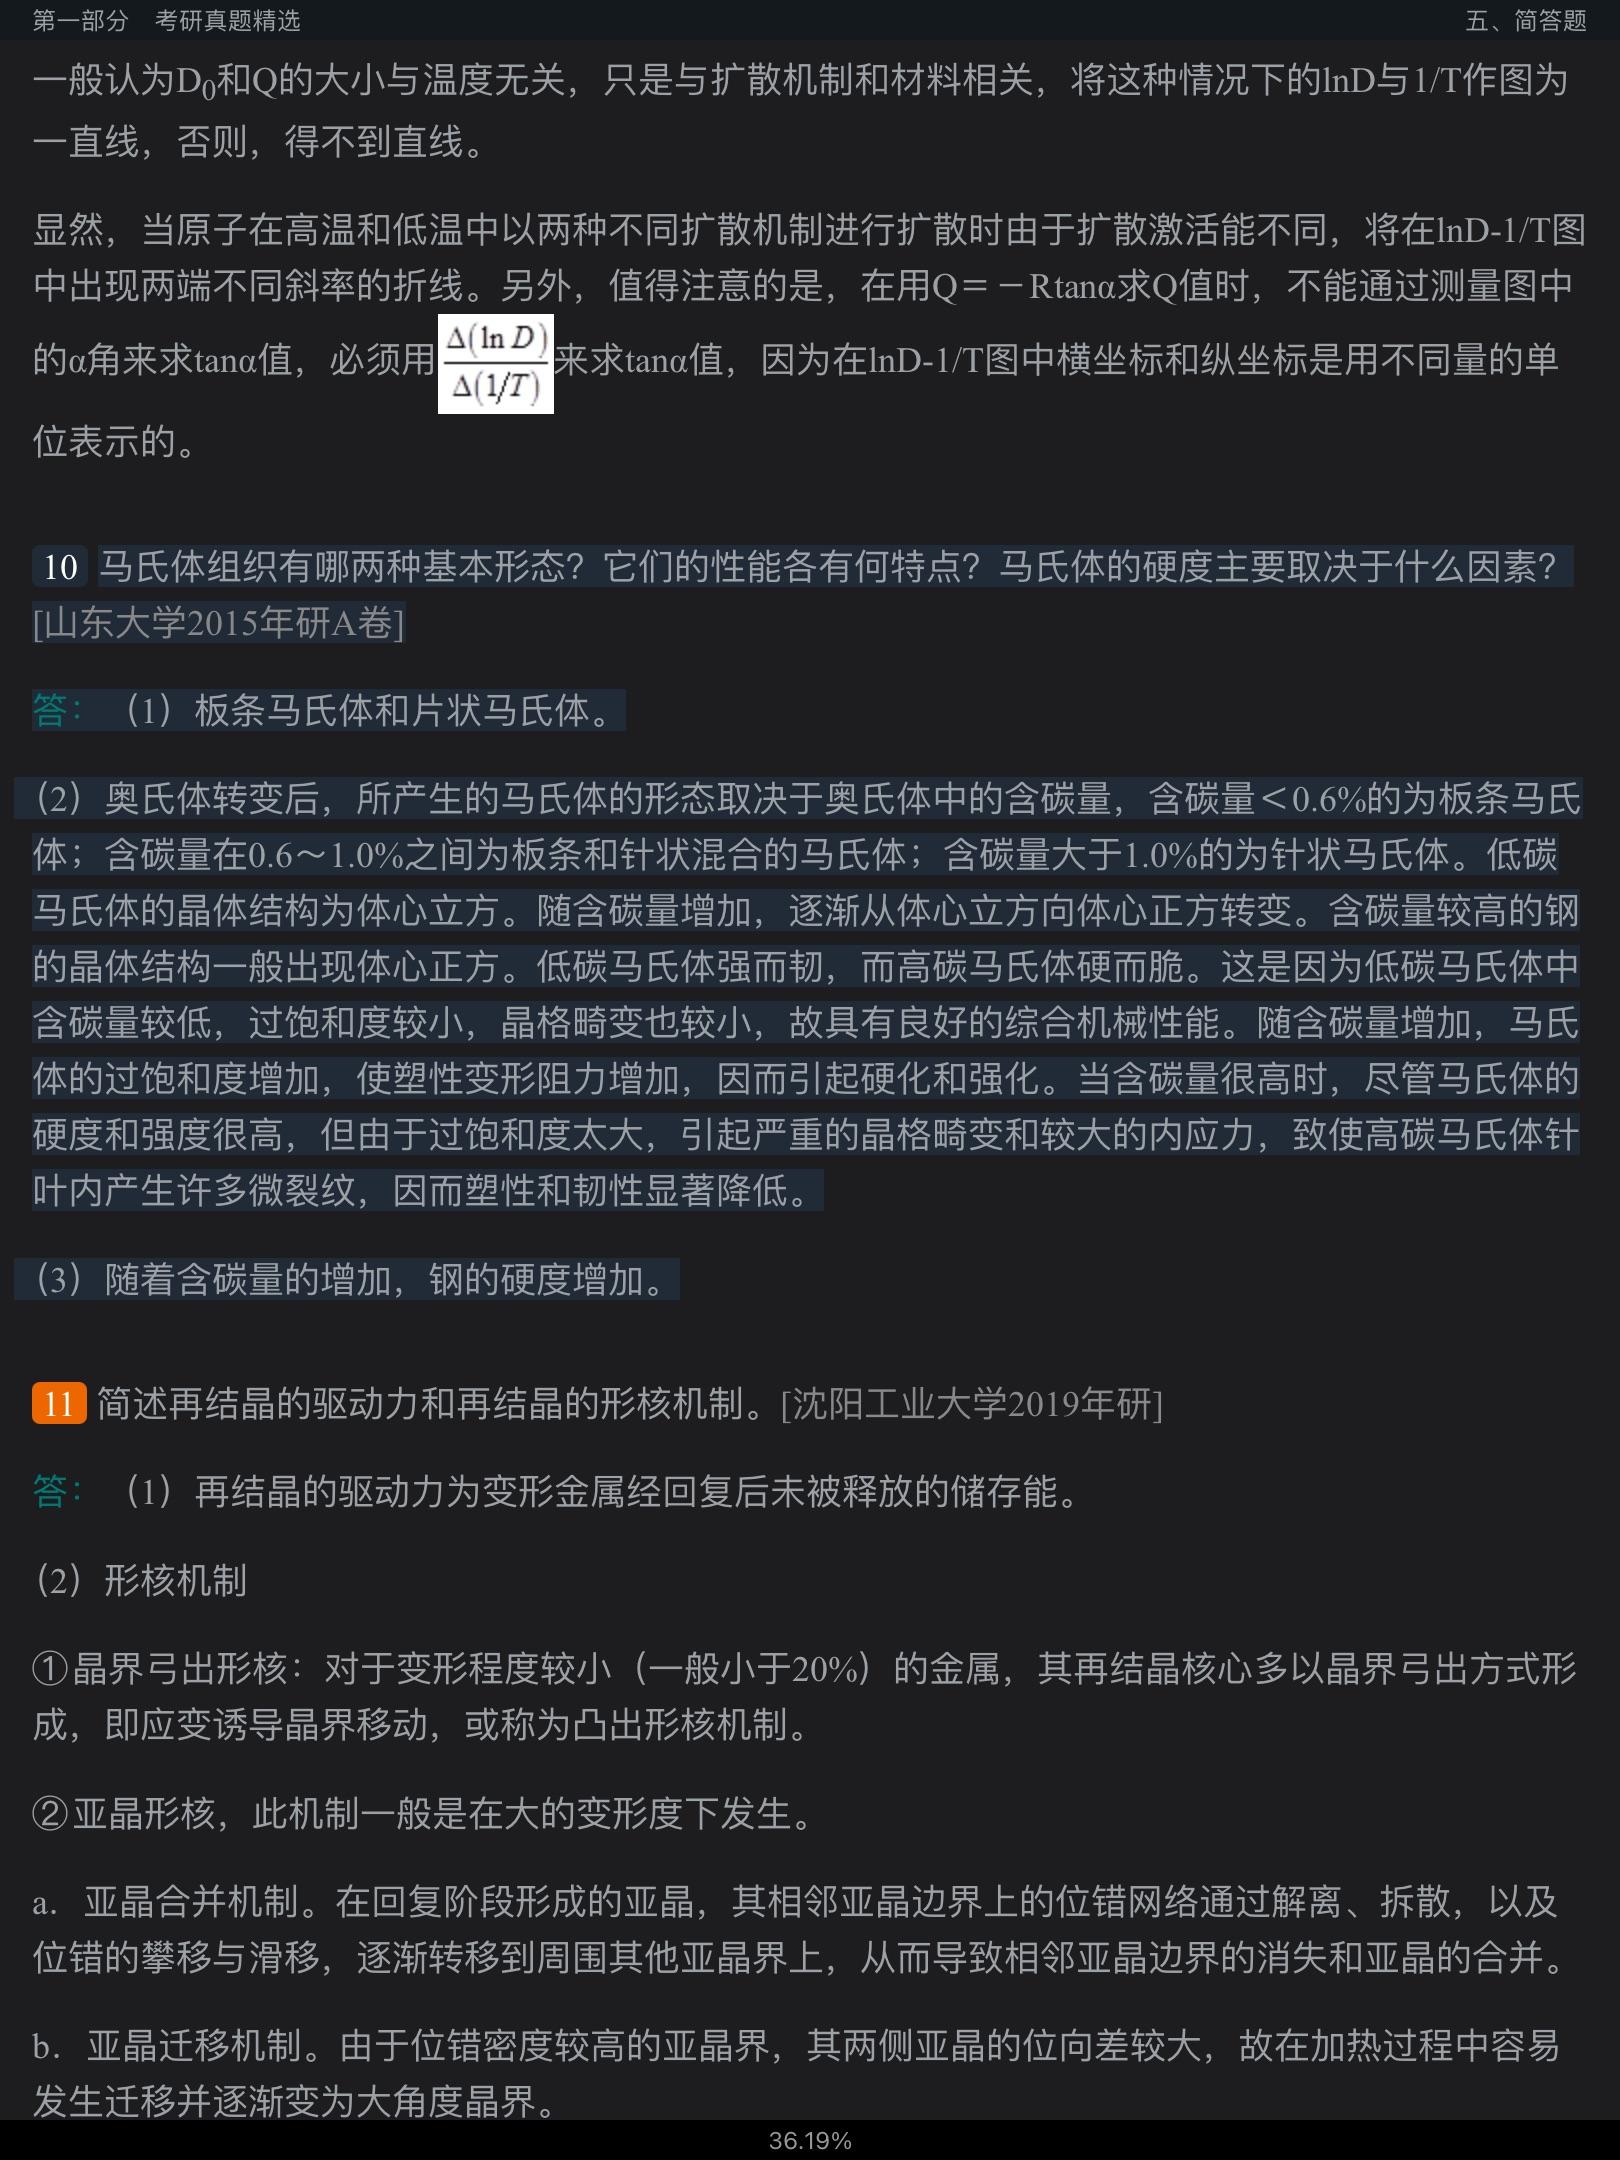 胡赓祥《材料科学基础》(第3版)配套题库【考研真题精选+章节题库】